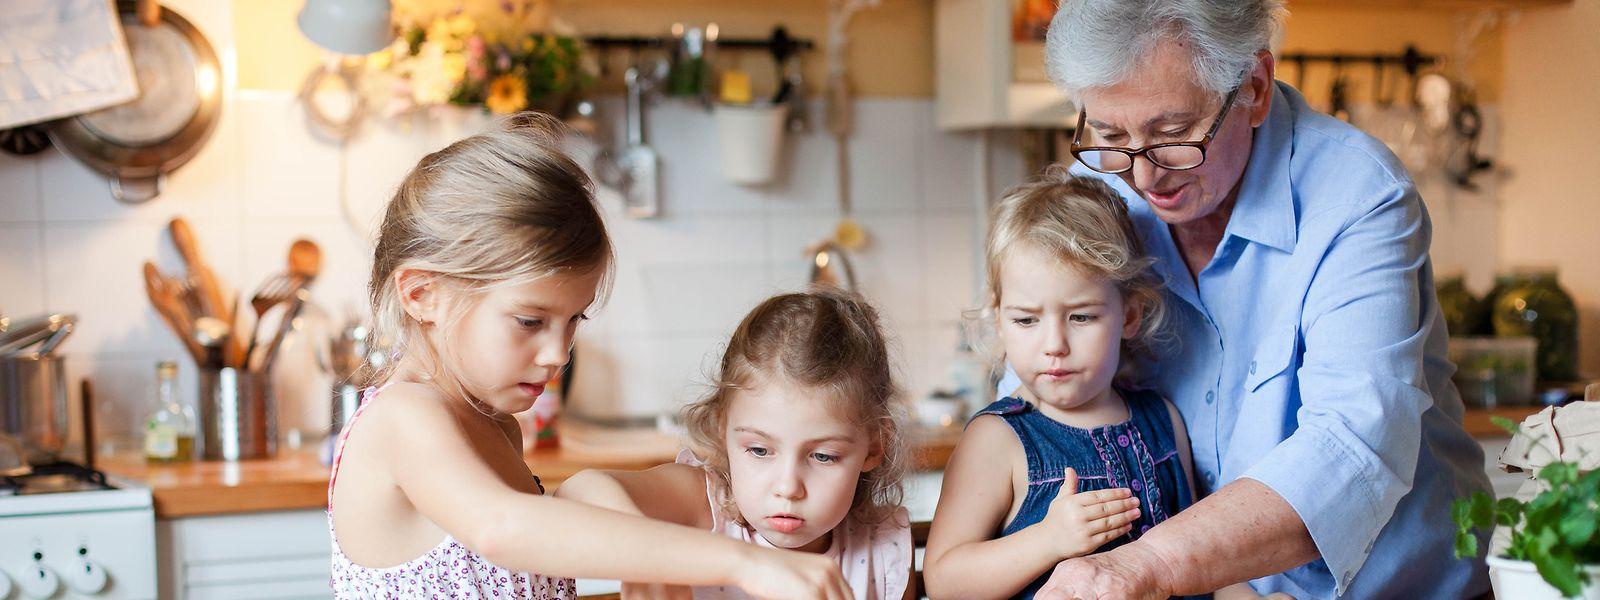 Oma wird's schon richten: In italienischen Haushalten haben die Großmütter das Zepter in der Hand.